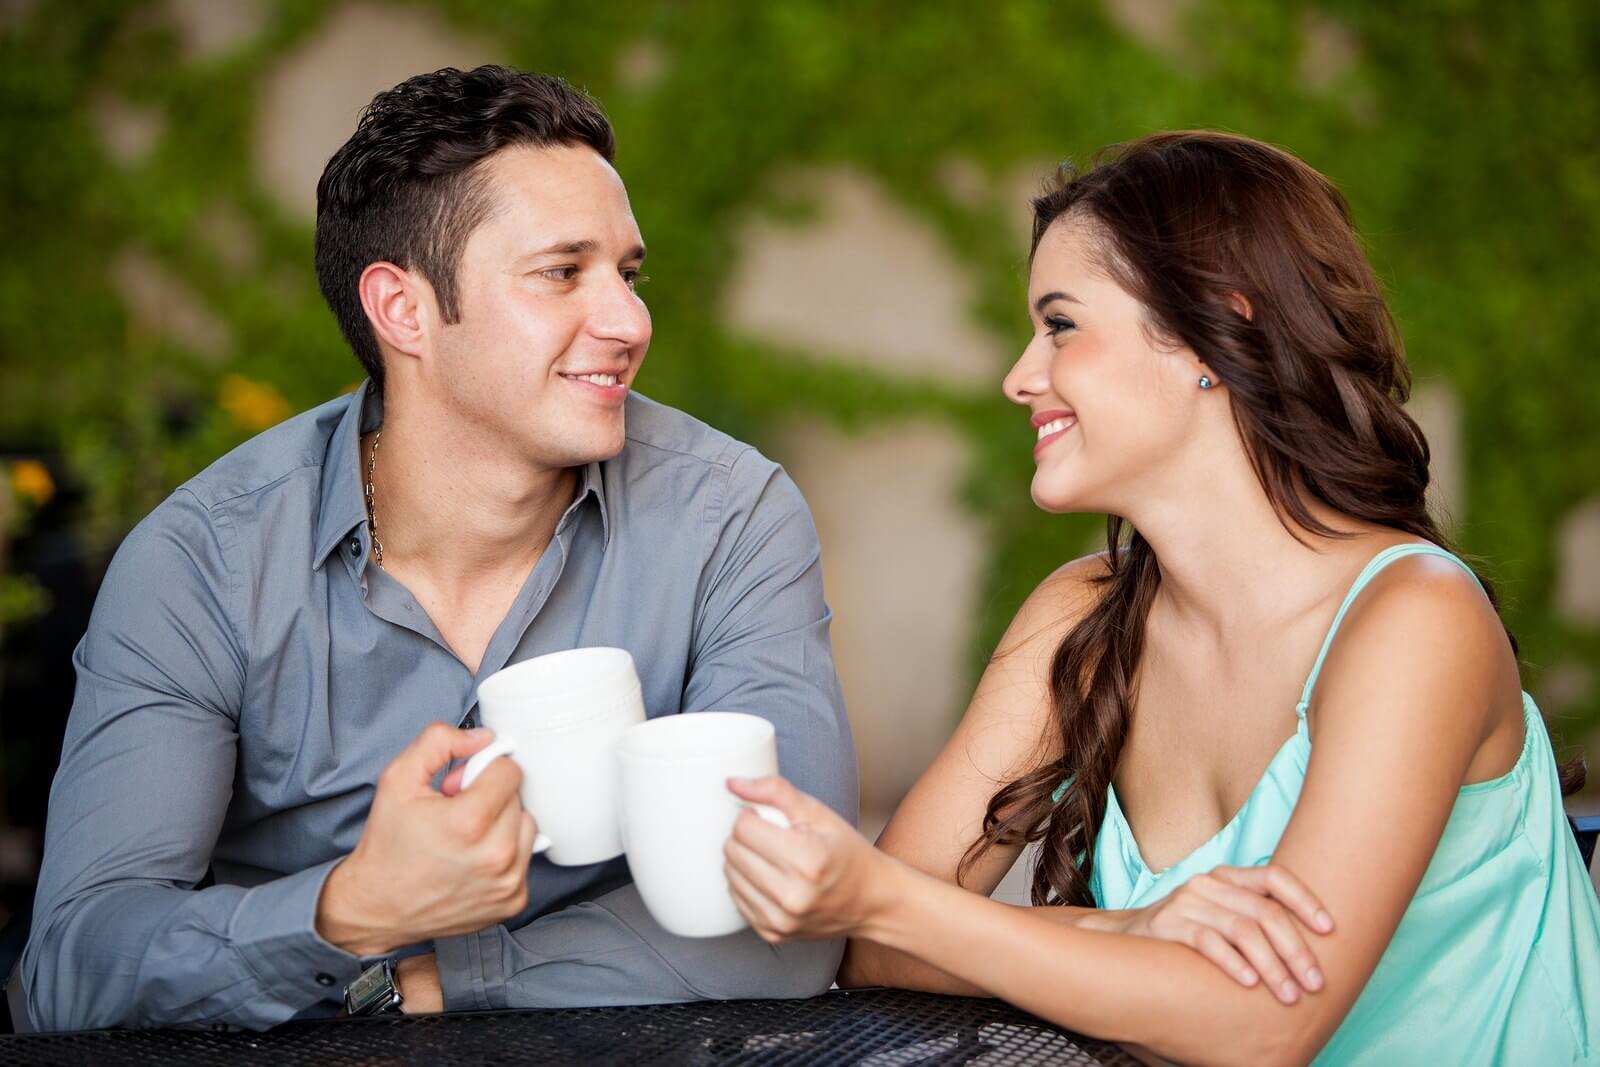 Женщины хотят поскорее познакомиться с мужчинами  276623